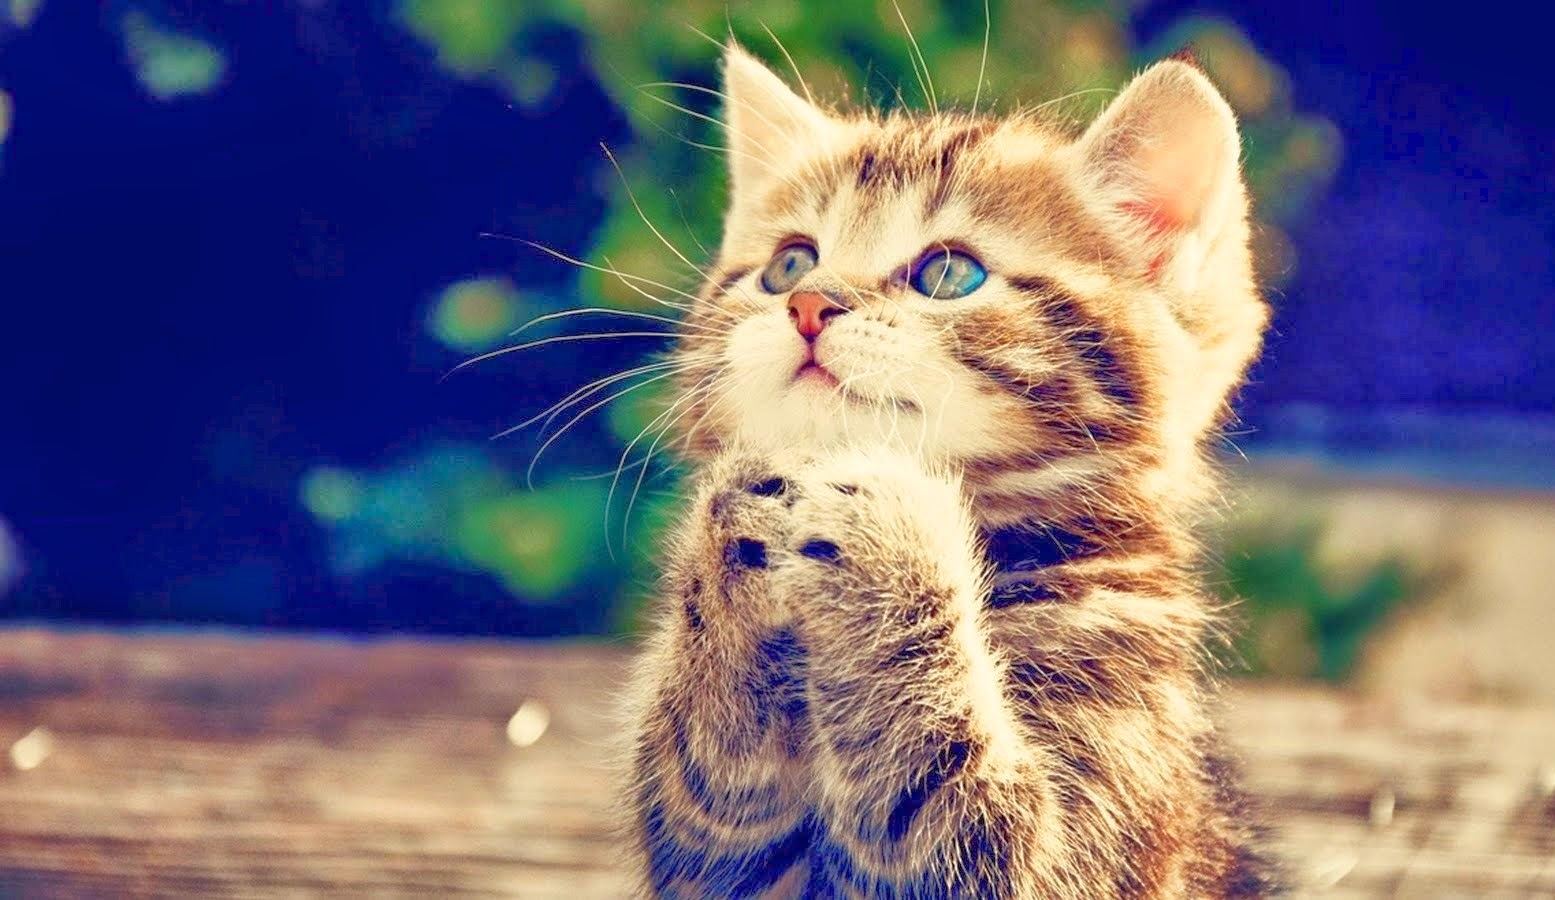 Mengapa Kucing Menoleh Waktu Kita Panggil Puss?